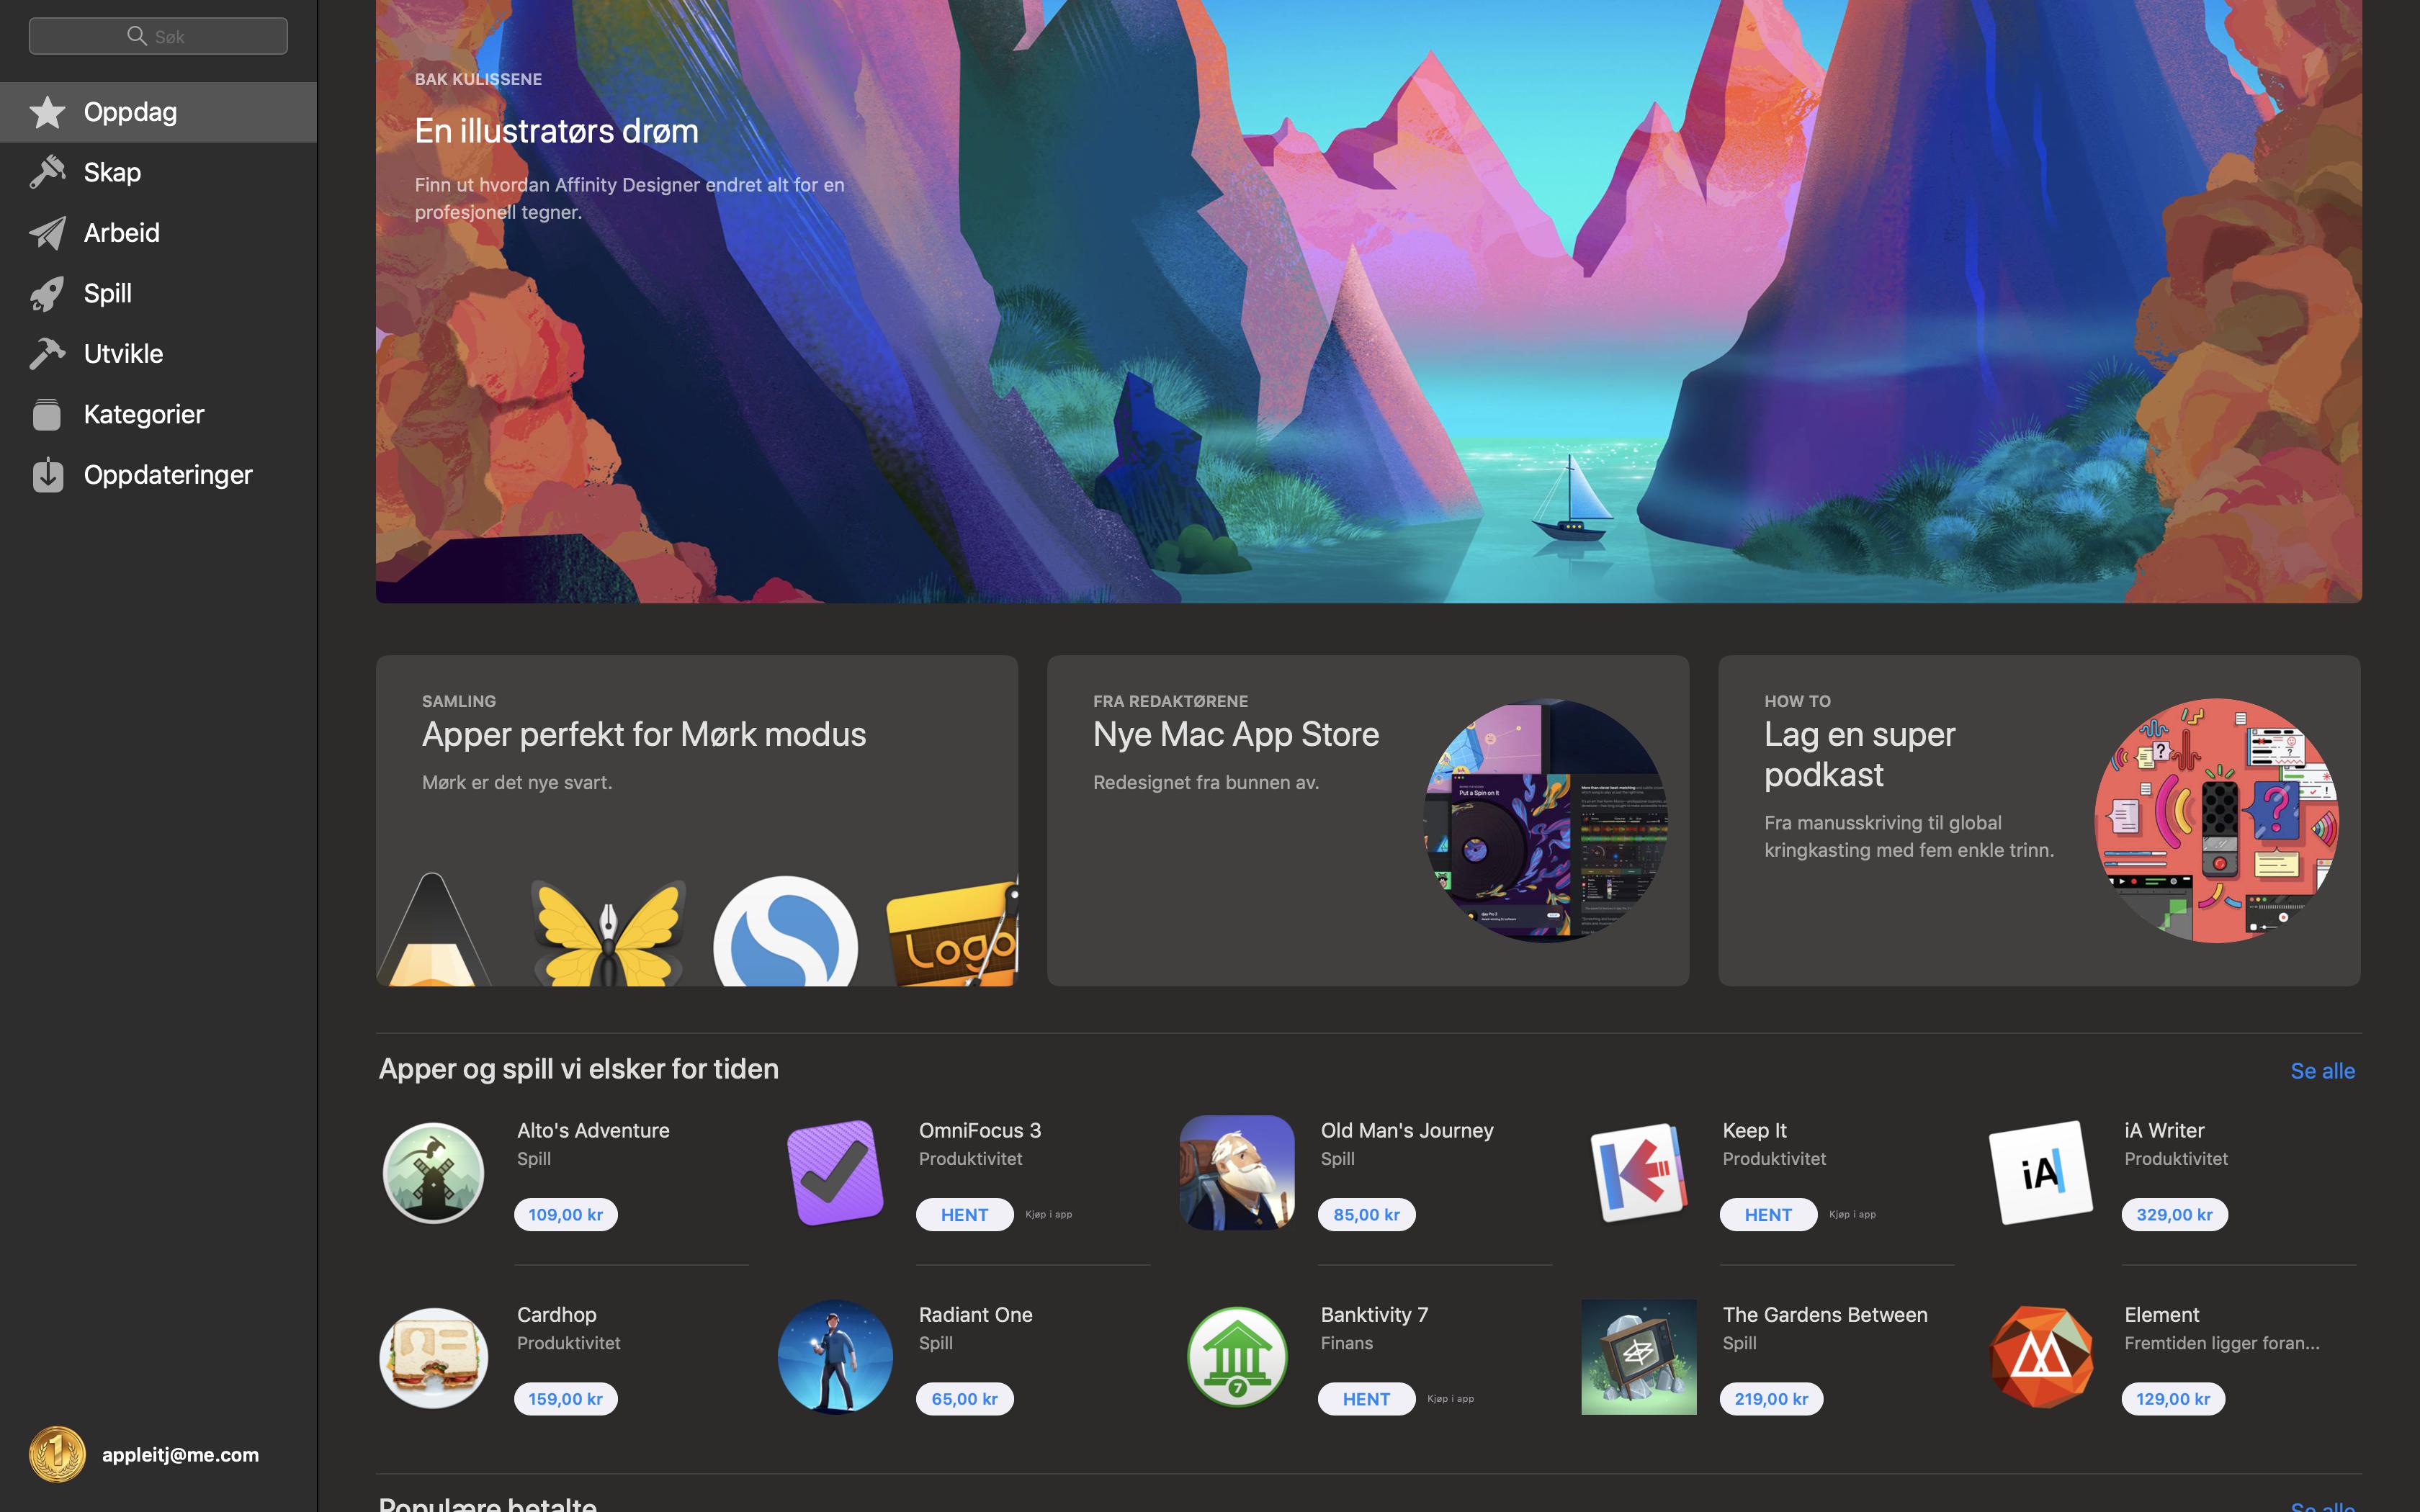 App Store i mørkt tema